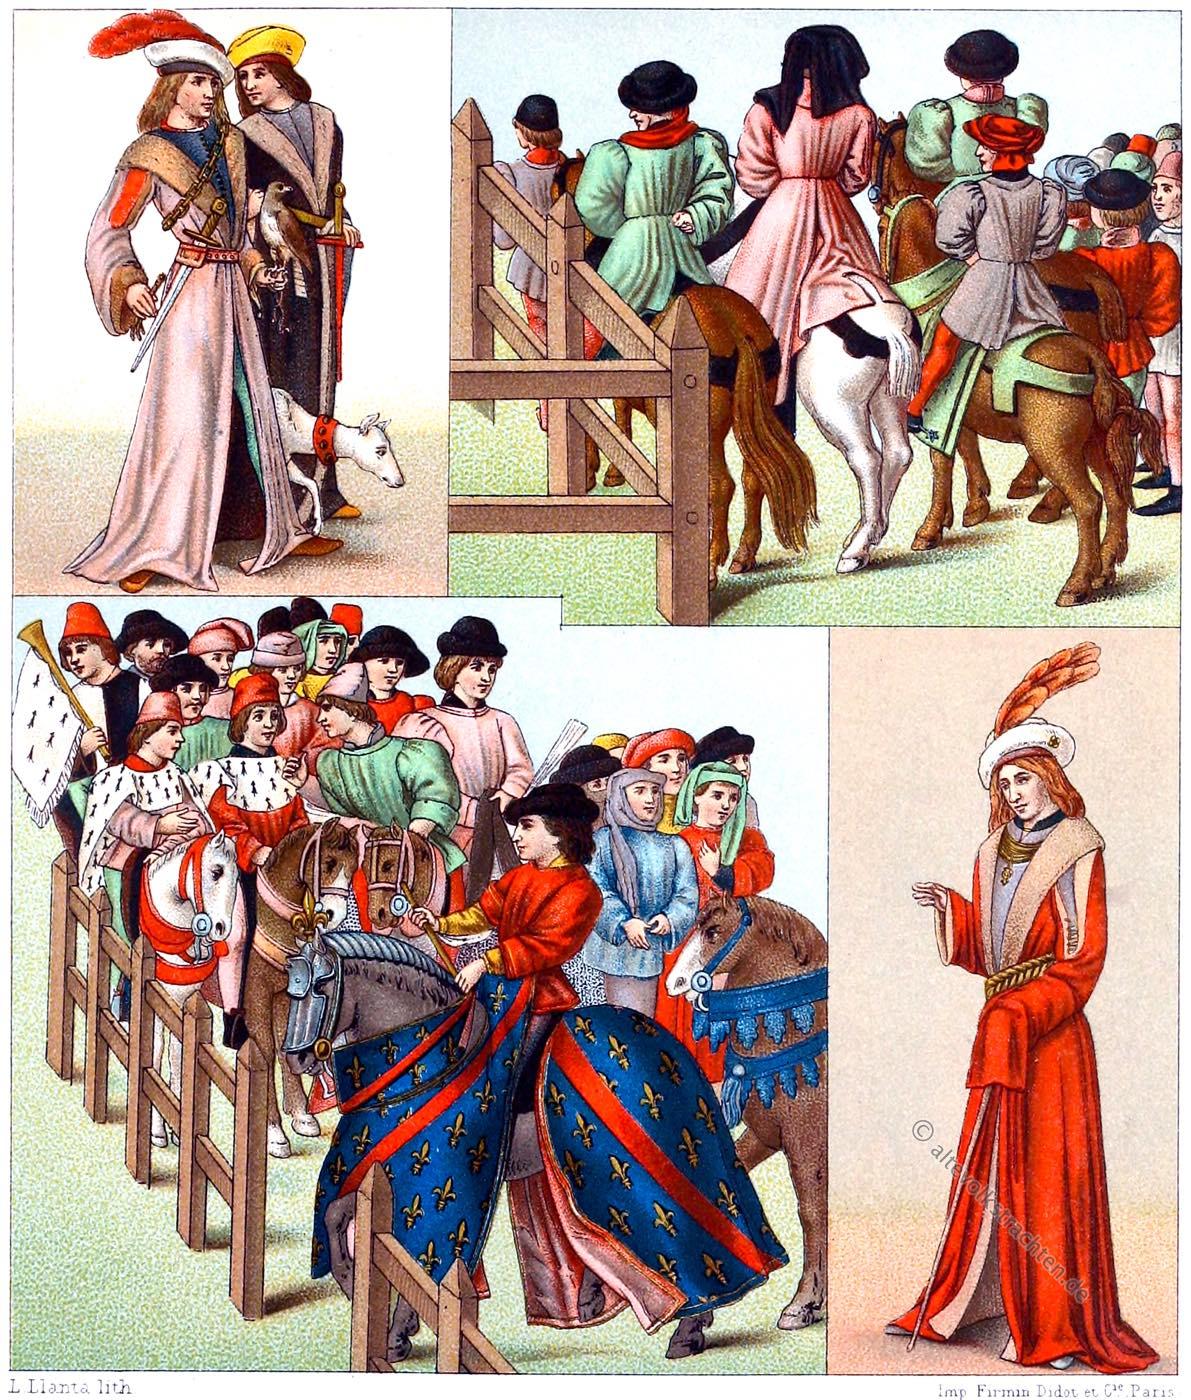 Edelleute, Gewandung, Gotik, Turnier, Mittelalter, Ritter, Kostüme, Modegeschichte,